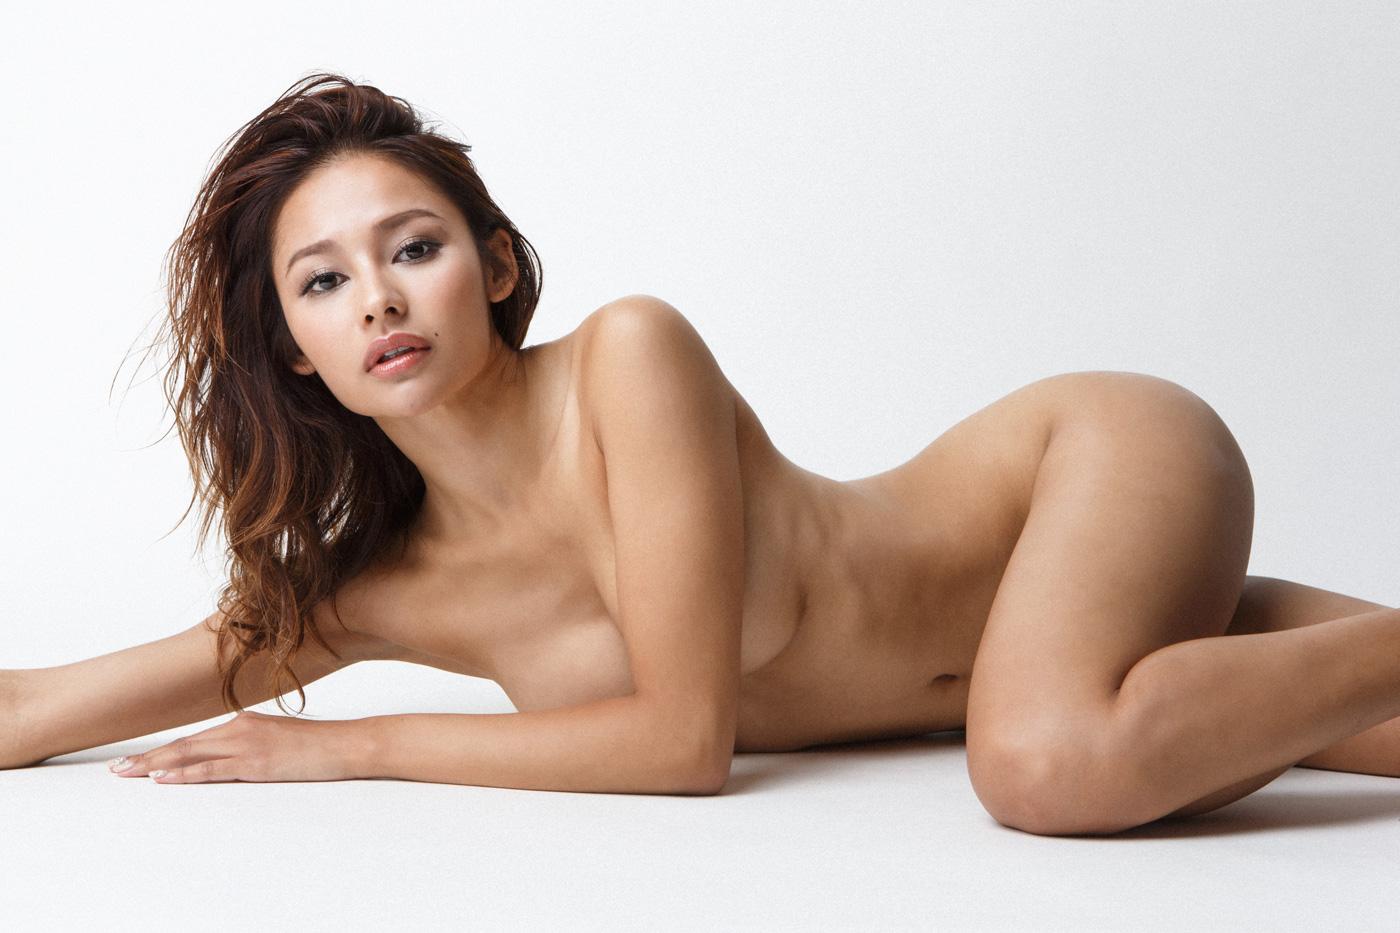 Yvette prieto modeling nude photos — photo 3